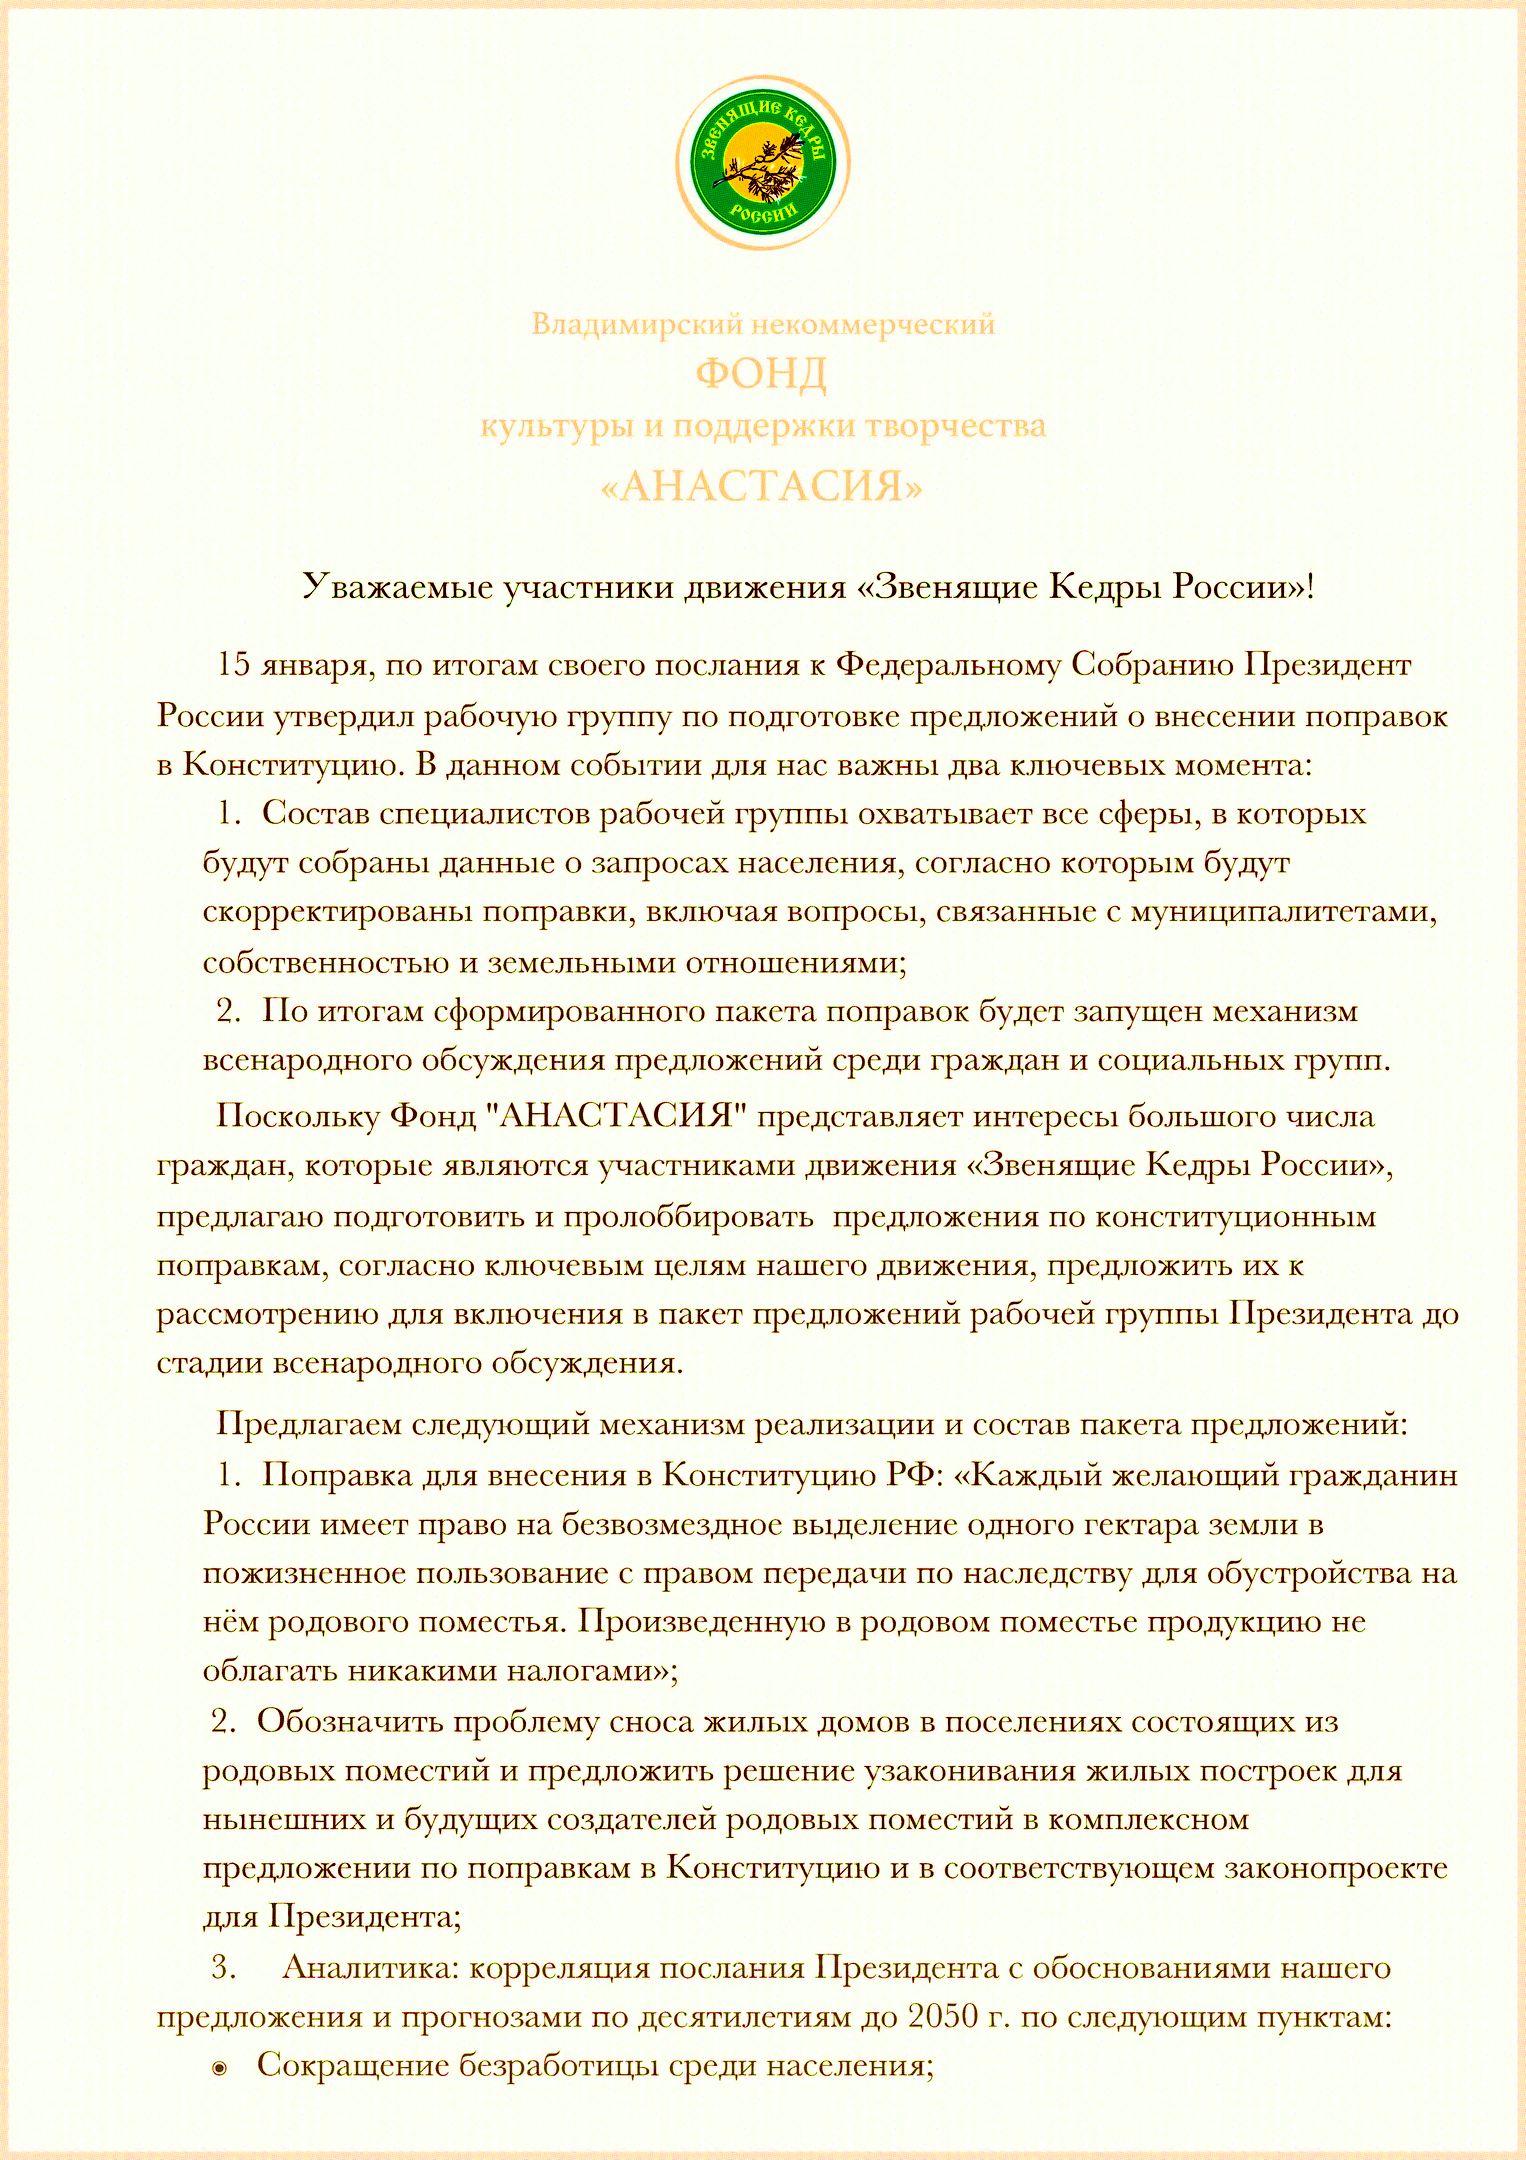 Обращение Фонда Поправки 1.jpg